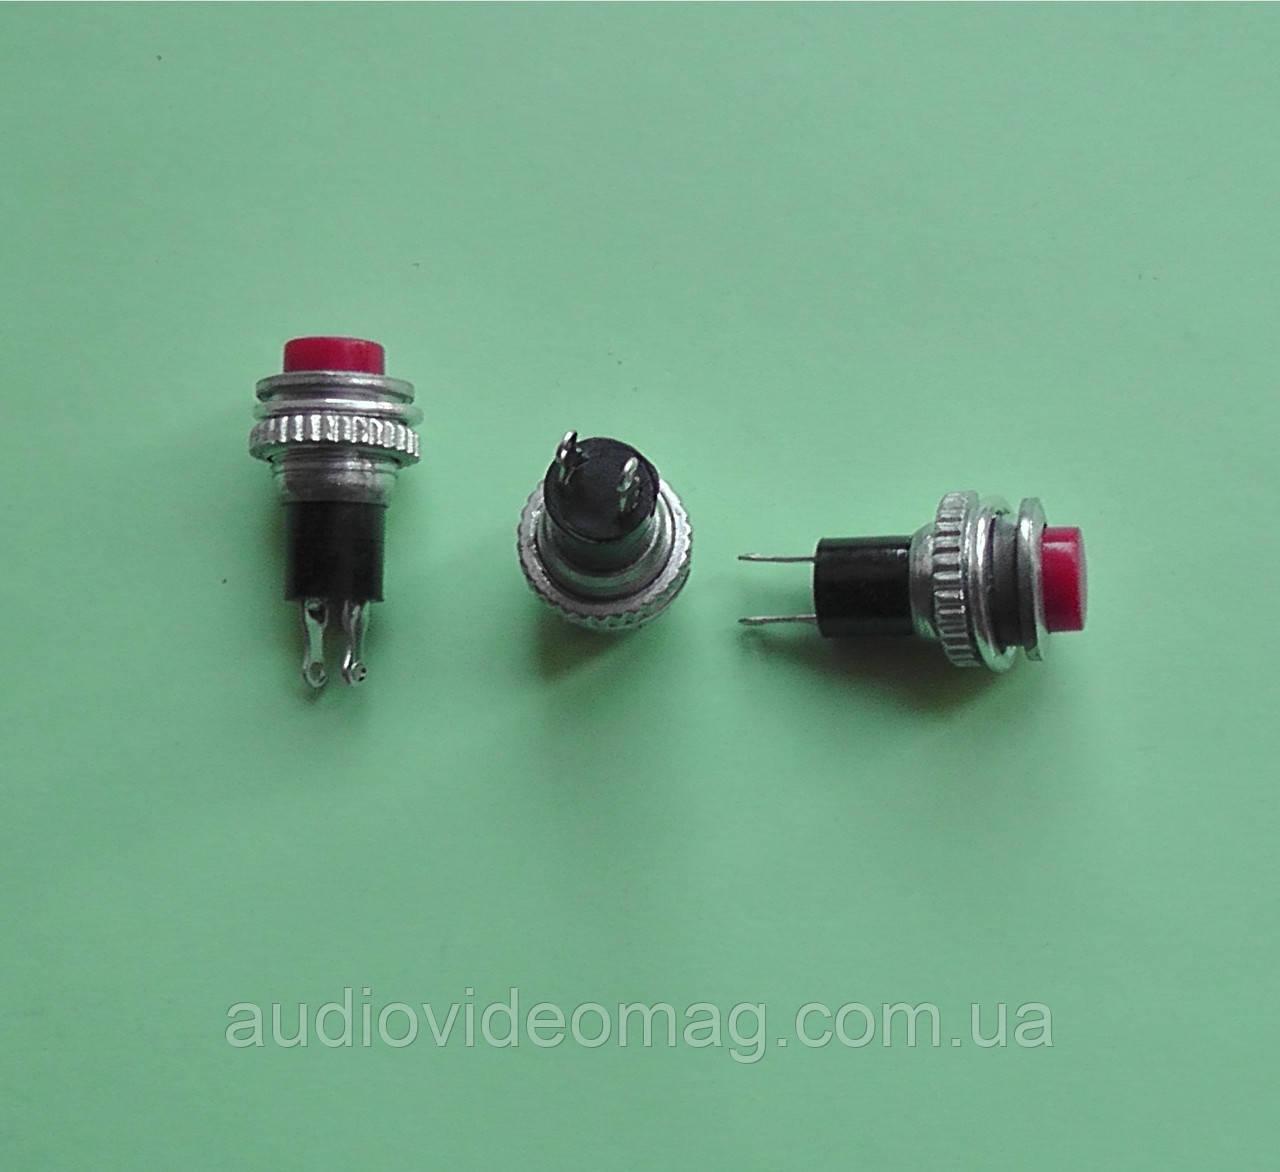 Кнопка пусковая без фиксации, малая, диаметр 9,6 мм, цвет - красный